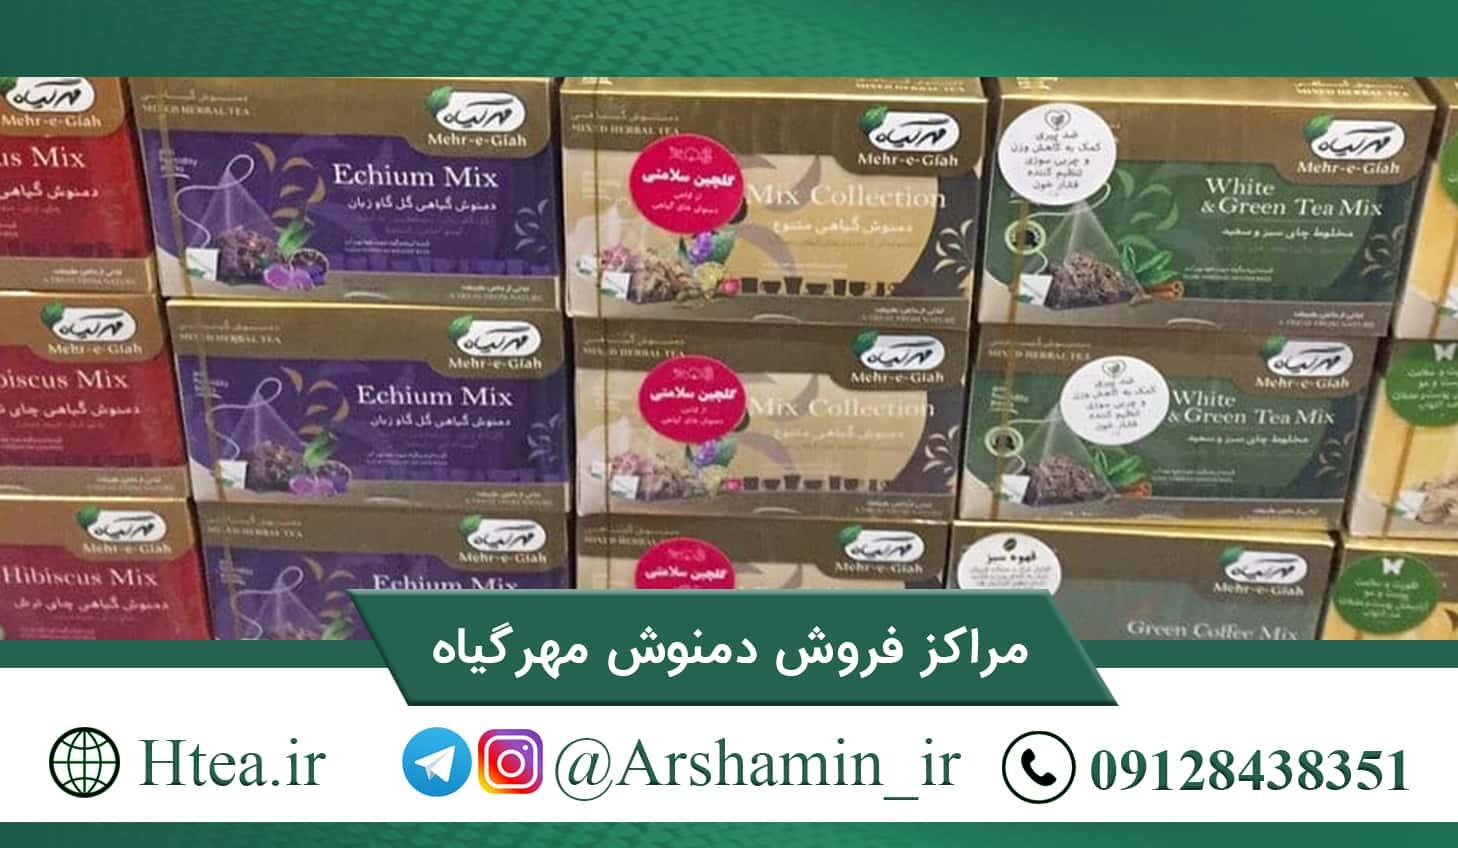 مراکز فروش دمنوش مهرگیاه